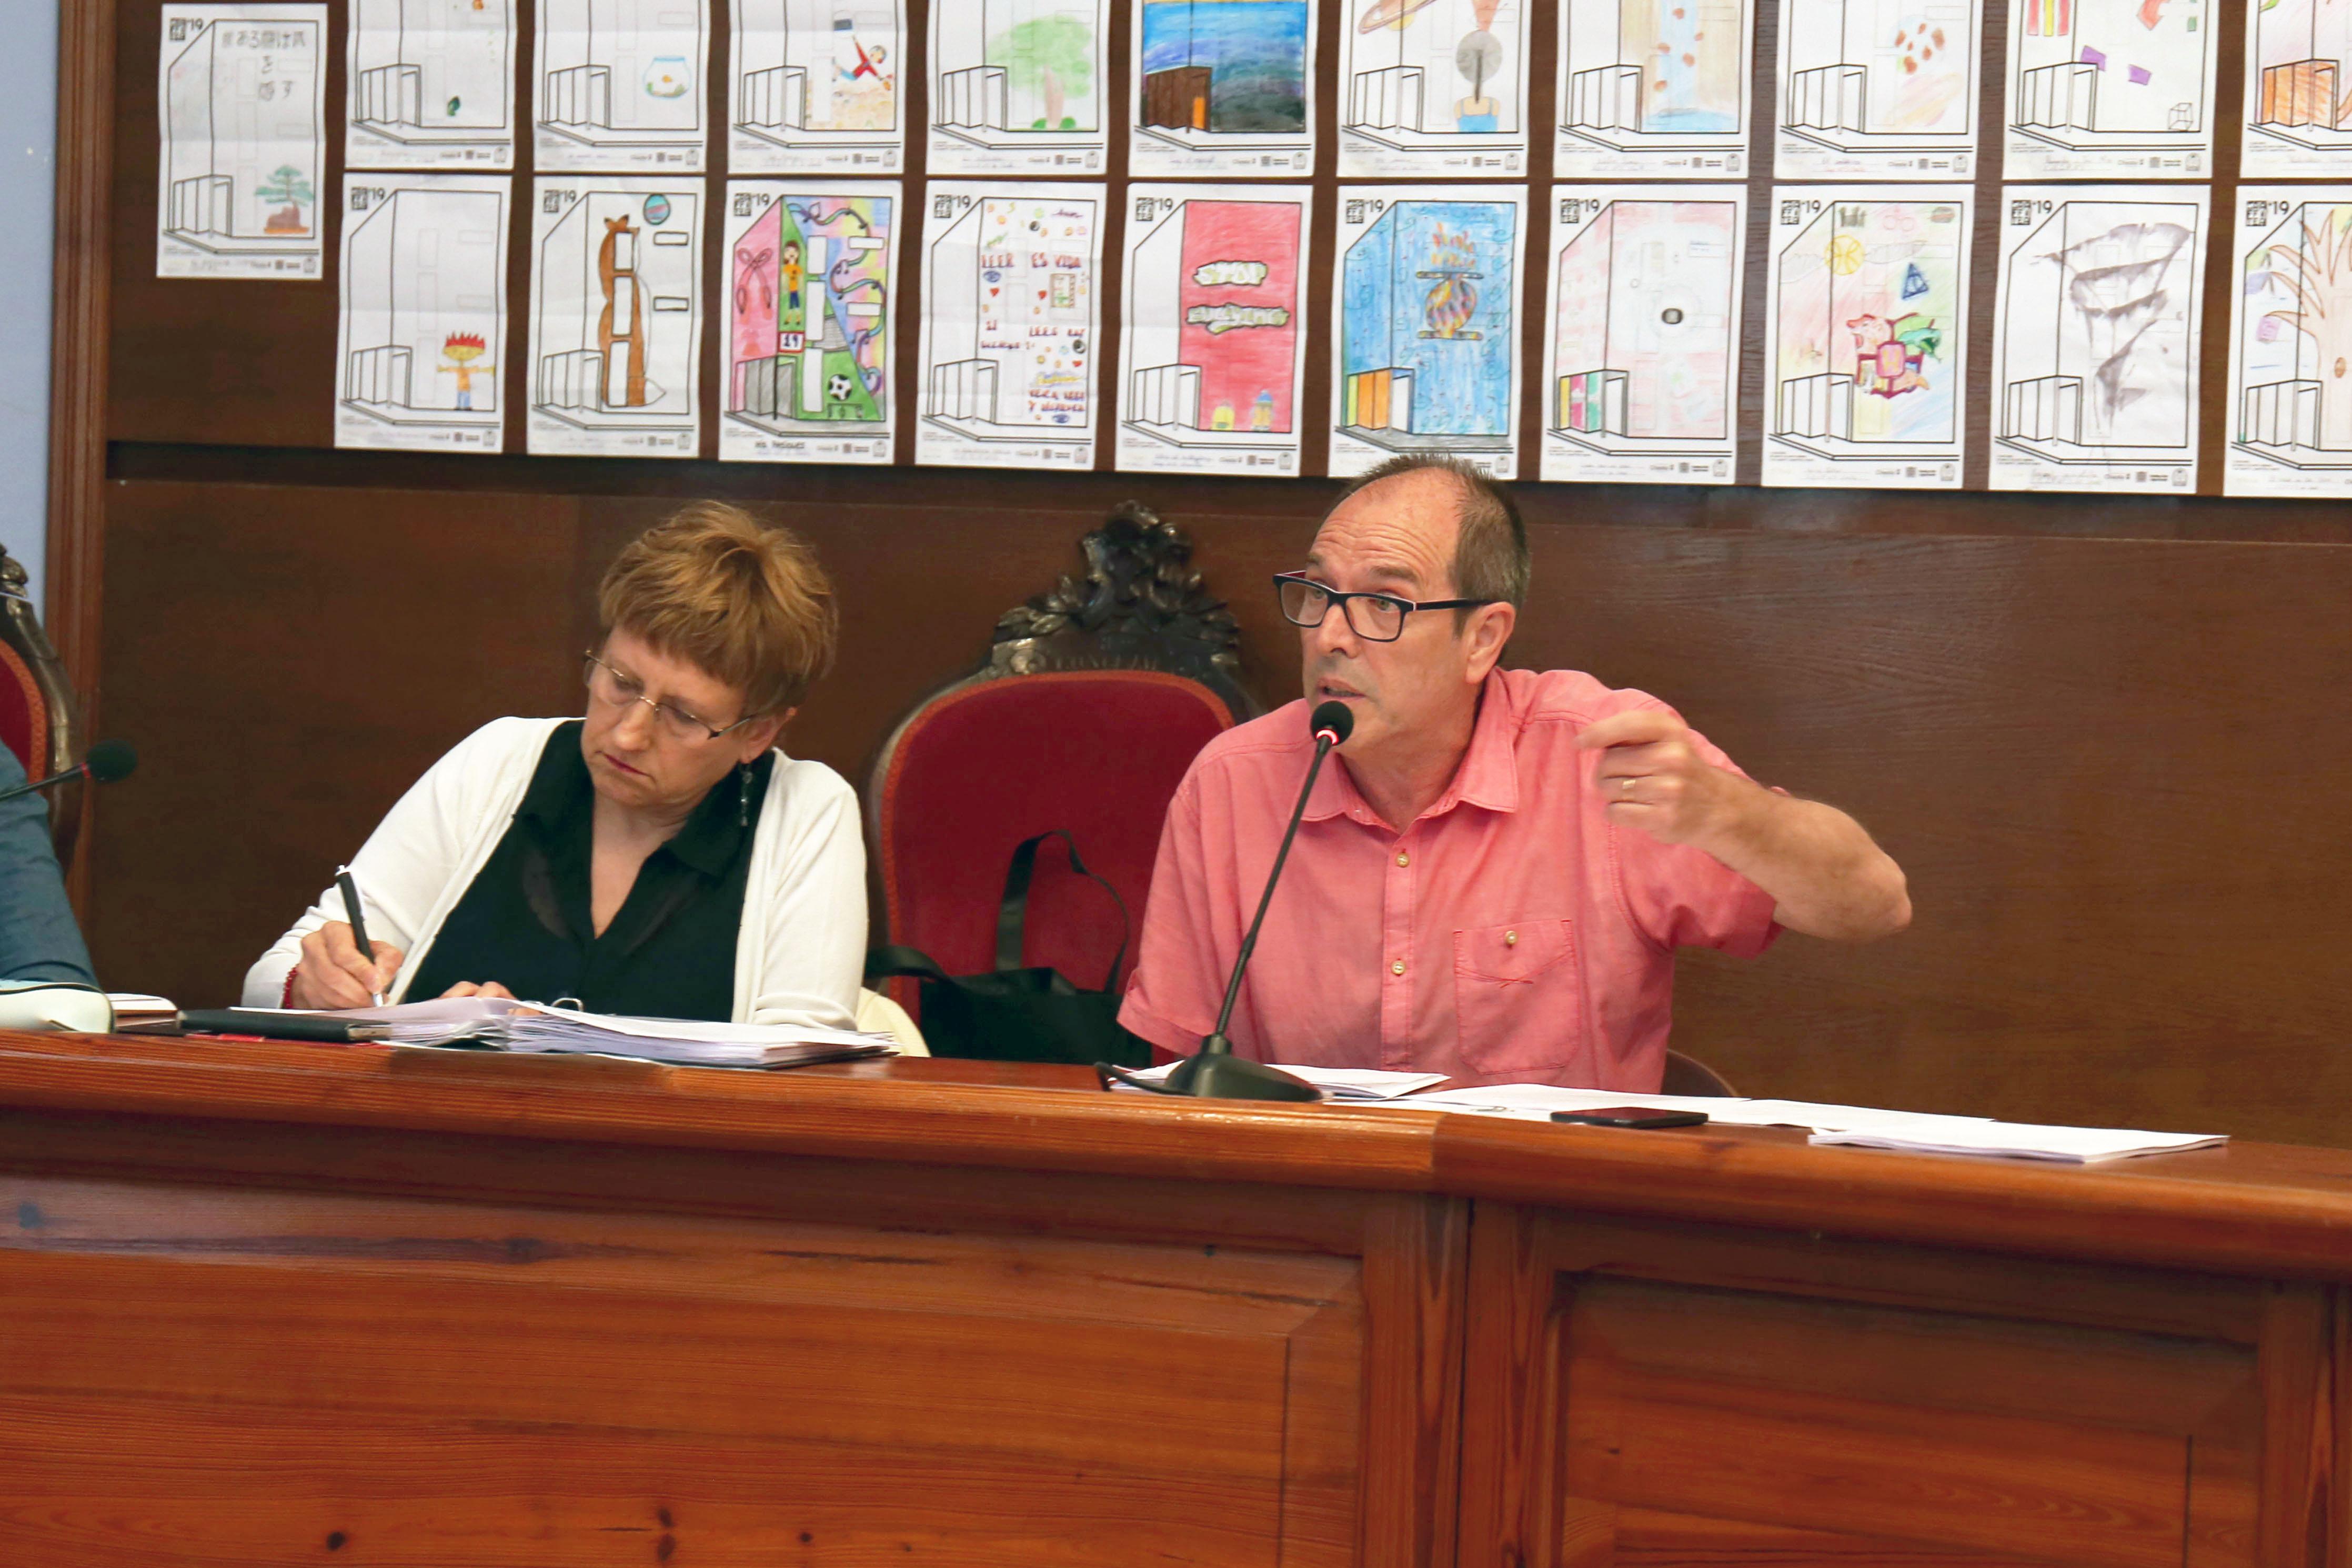 La concejalía de Servicios solicita la apertura de un expediente sancionador a Egevasa por incumplimiento en la entrega de documentación requerida por el Ayuntamiento.